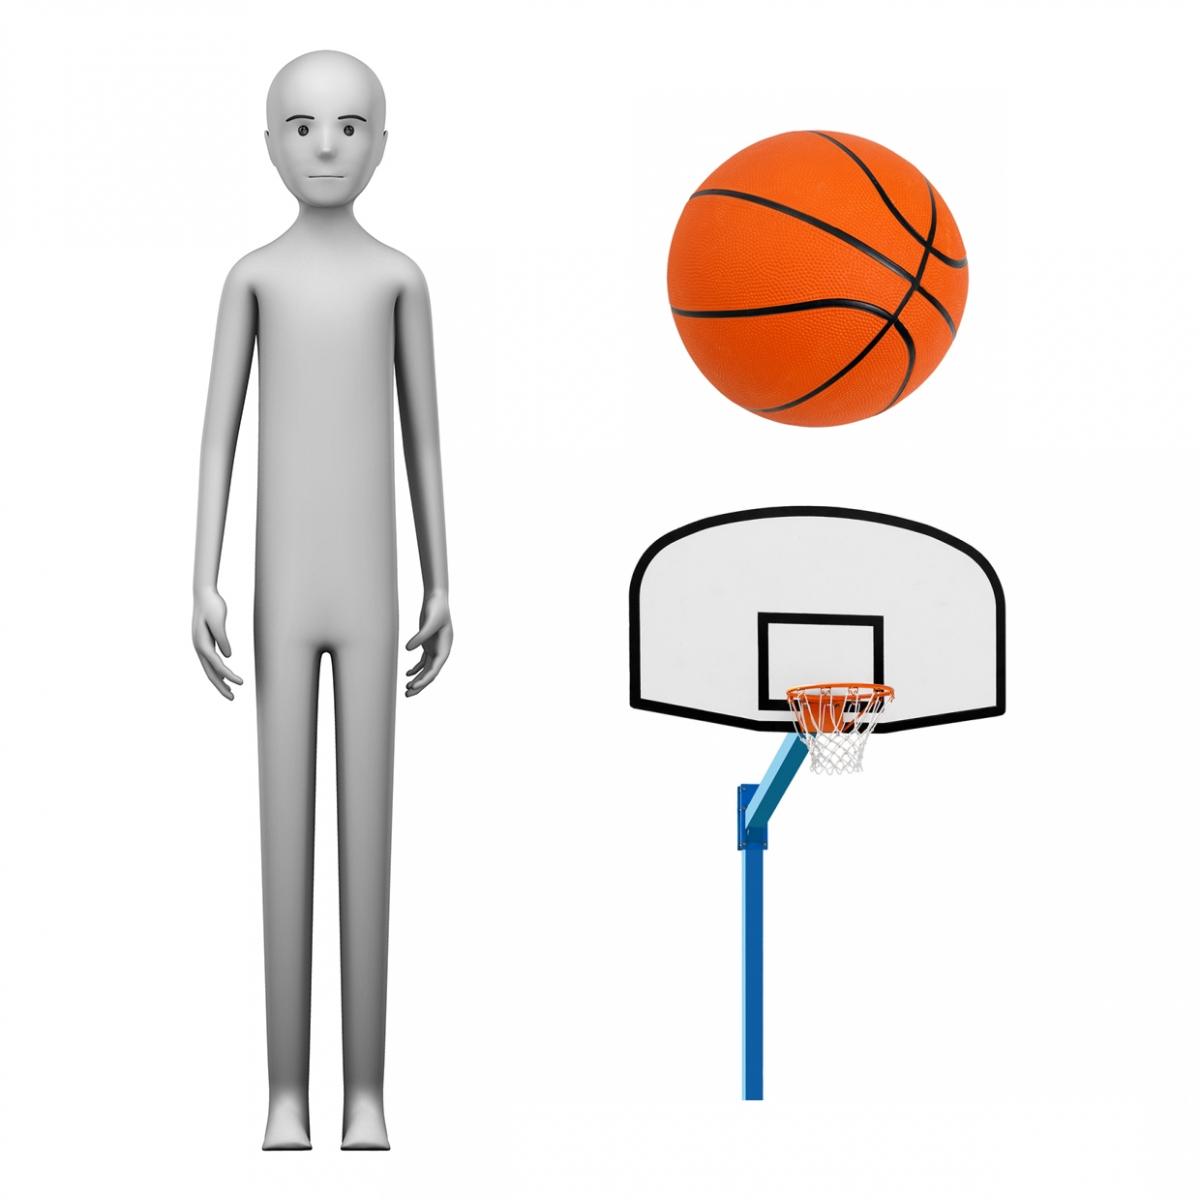 Imagen en la que se ve el concepto de jugador o jugadora de baloncesto